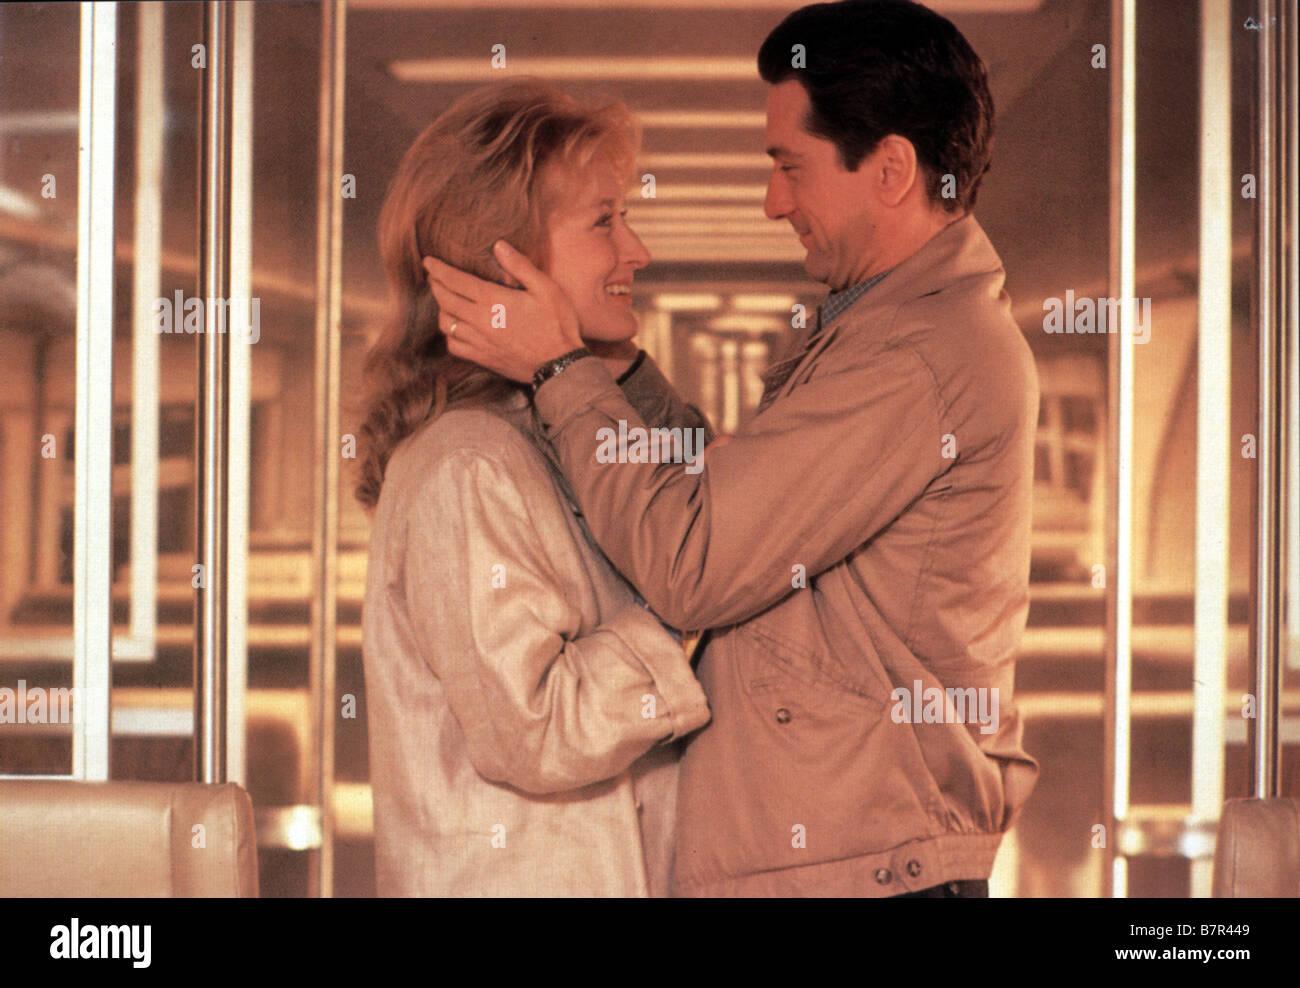 Falling in Love  Year: 1984 - USA Robert De Niro, Meryl Streep  Director: Ulu Grosbard - Stock Image